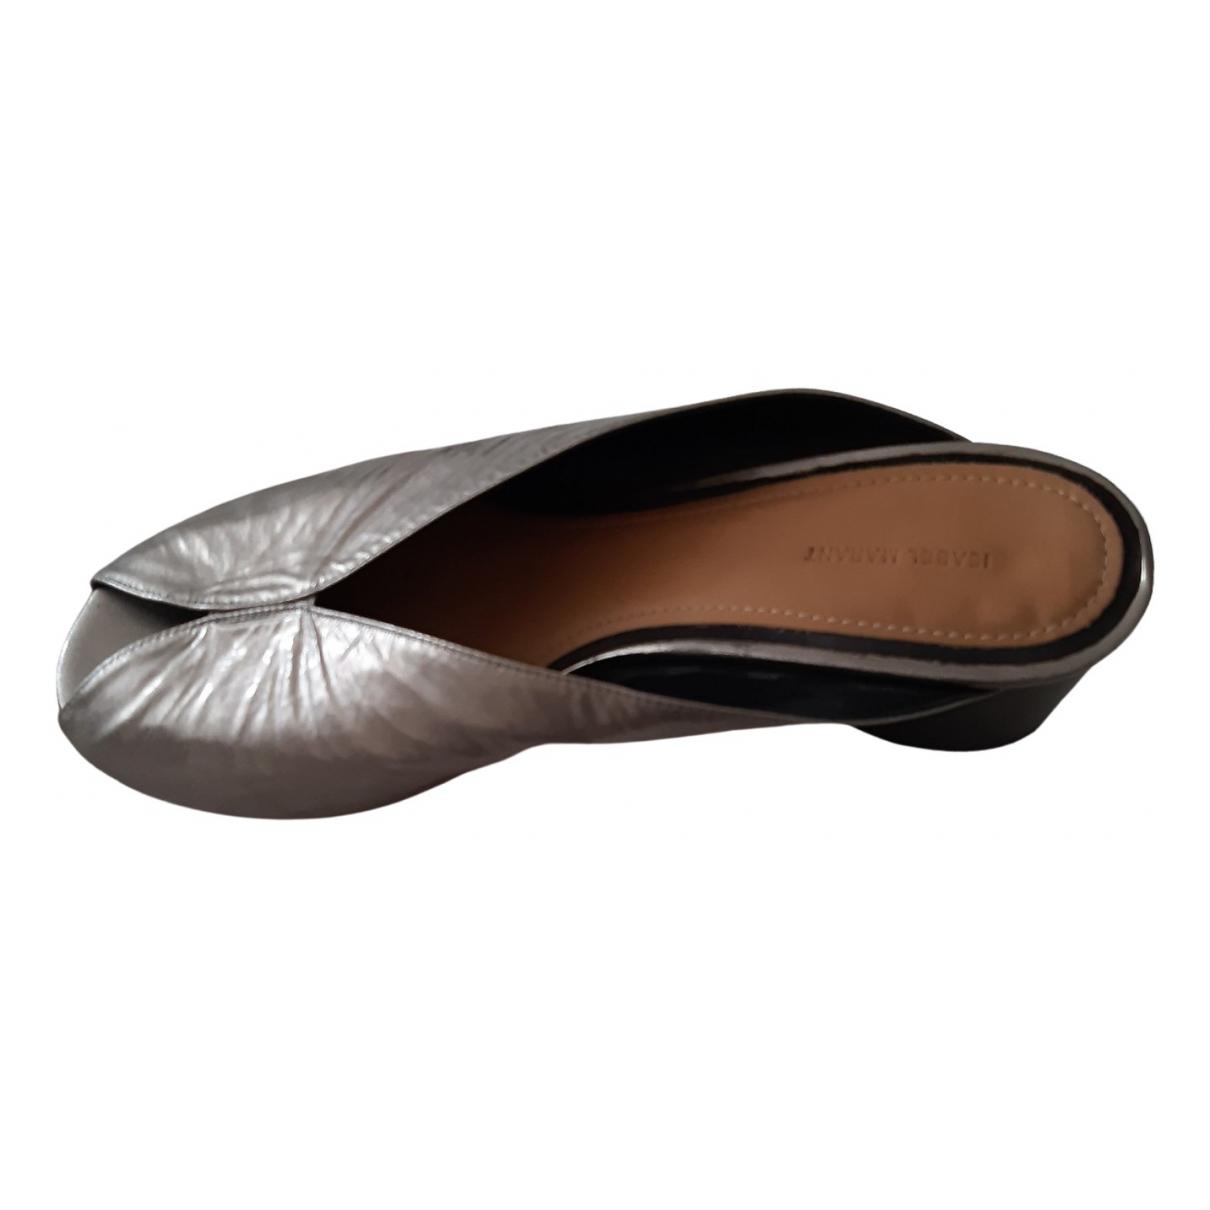 Isabel Marant - Sandales   pour femme en cuir - argente